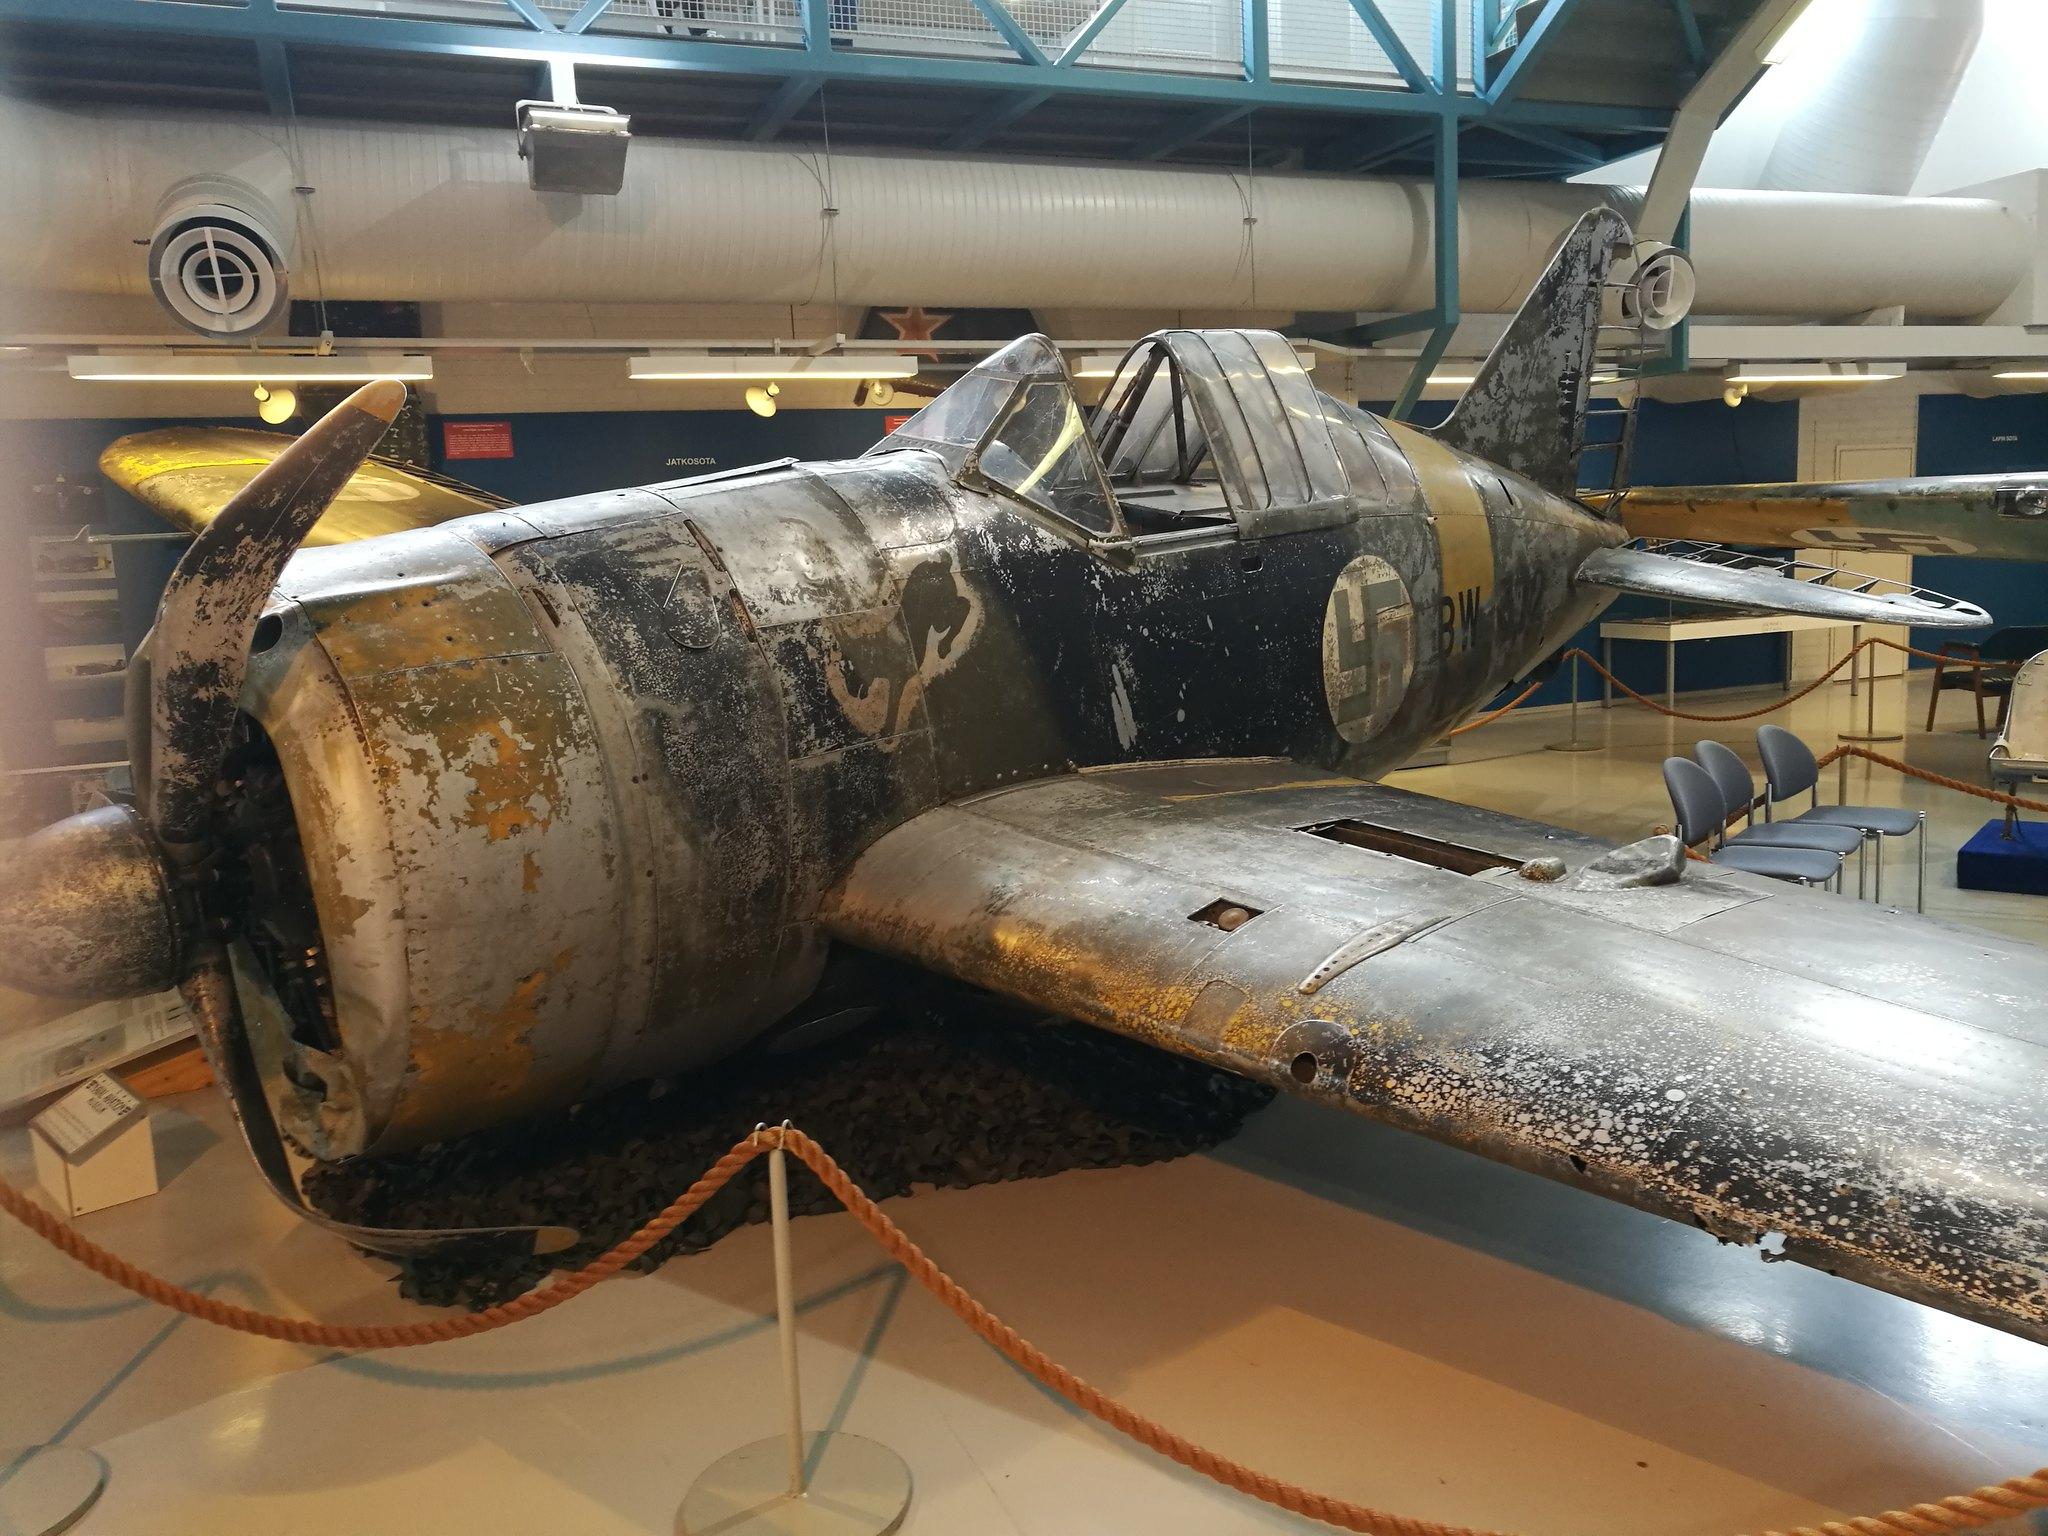 Hemkommen från semester i Finland med utflykt till Finlands Flygvapenmuseum. 48292970981_71ff3dacd1_k